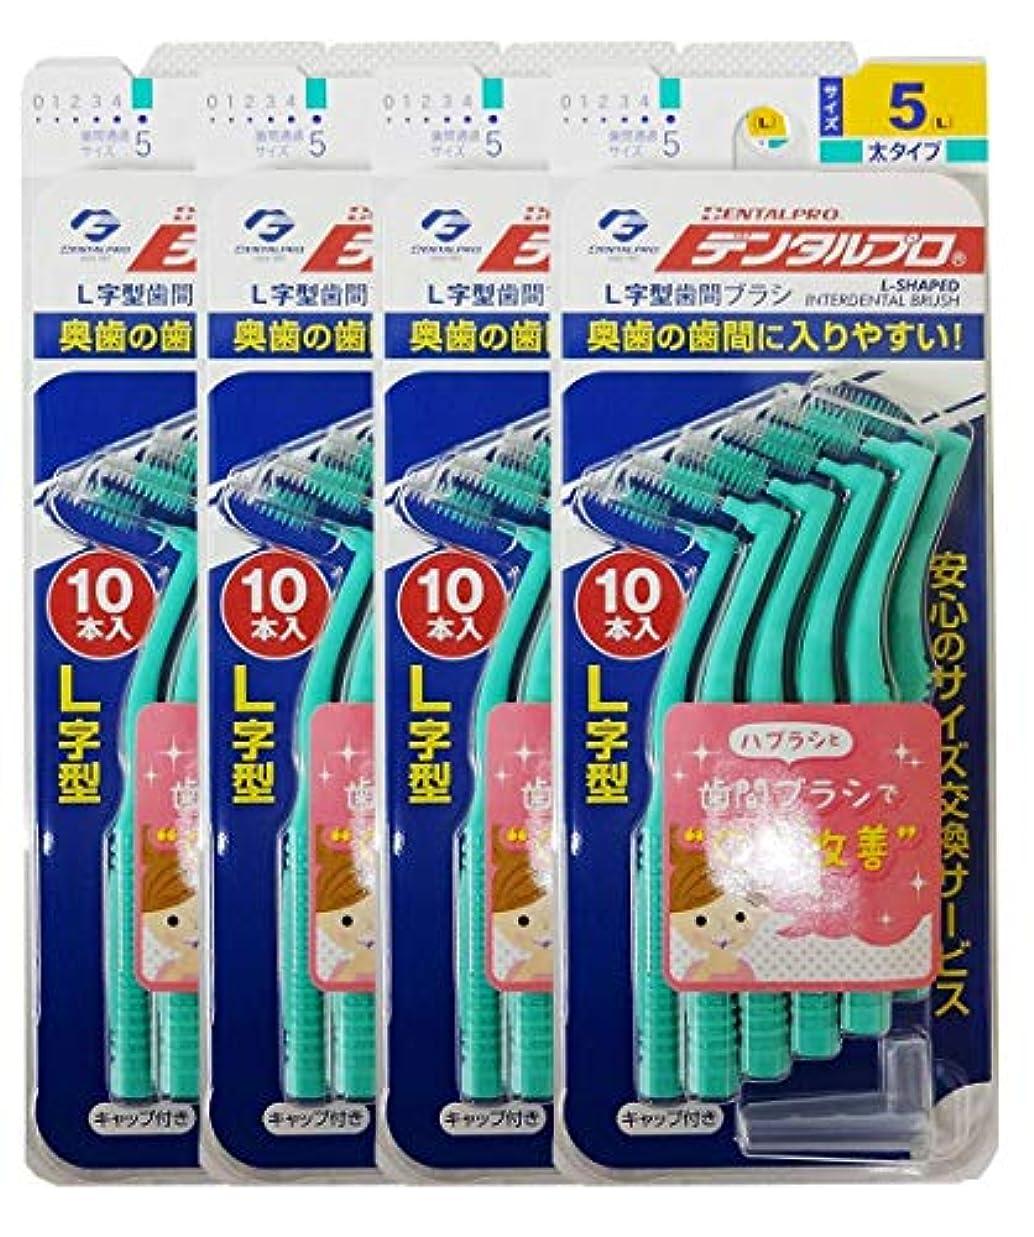 祝福するあいまいさチャールズキージングデンタルプロ 歯間ブラシ L字型 サイズ5(L) 10本入り × 4個セット